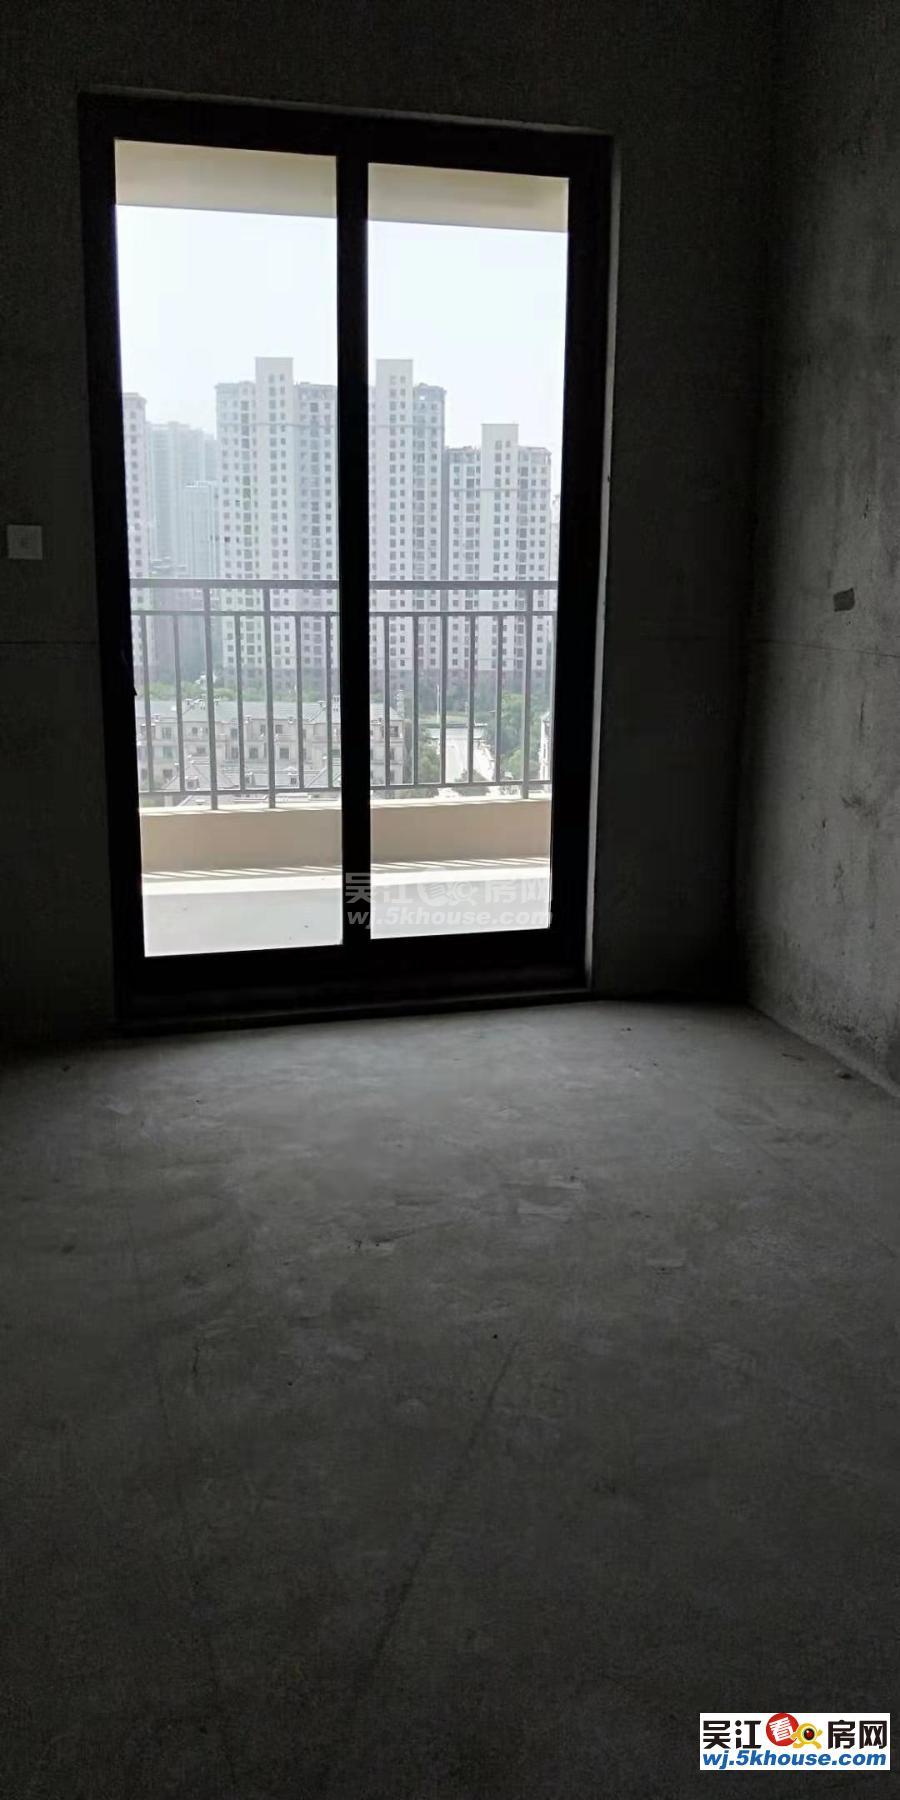 新城吾悦广场 350万 3室2厅2卫 毛坯 产证135平带车位、产证满二年!